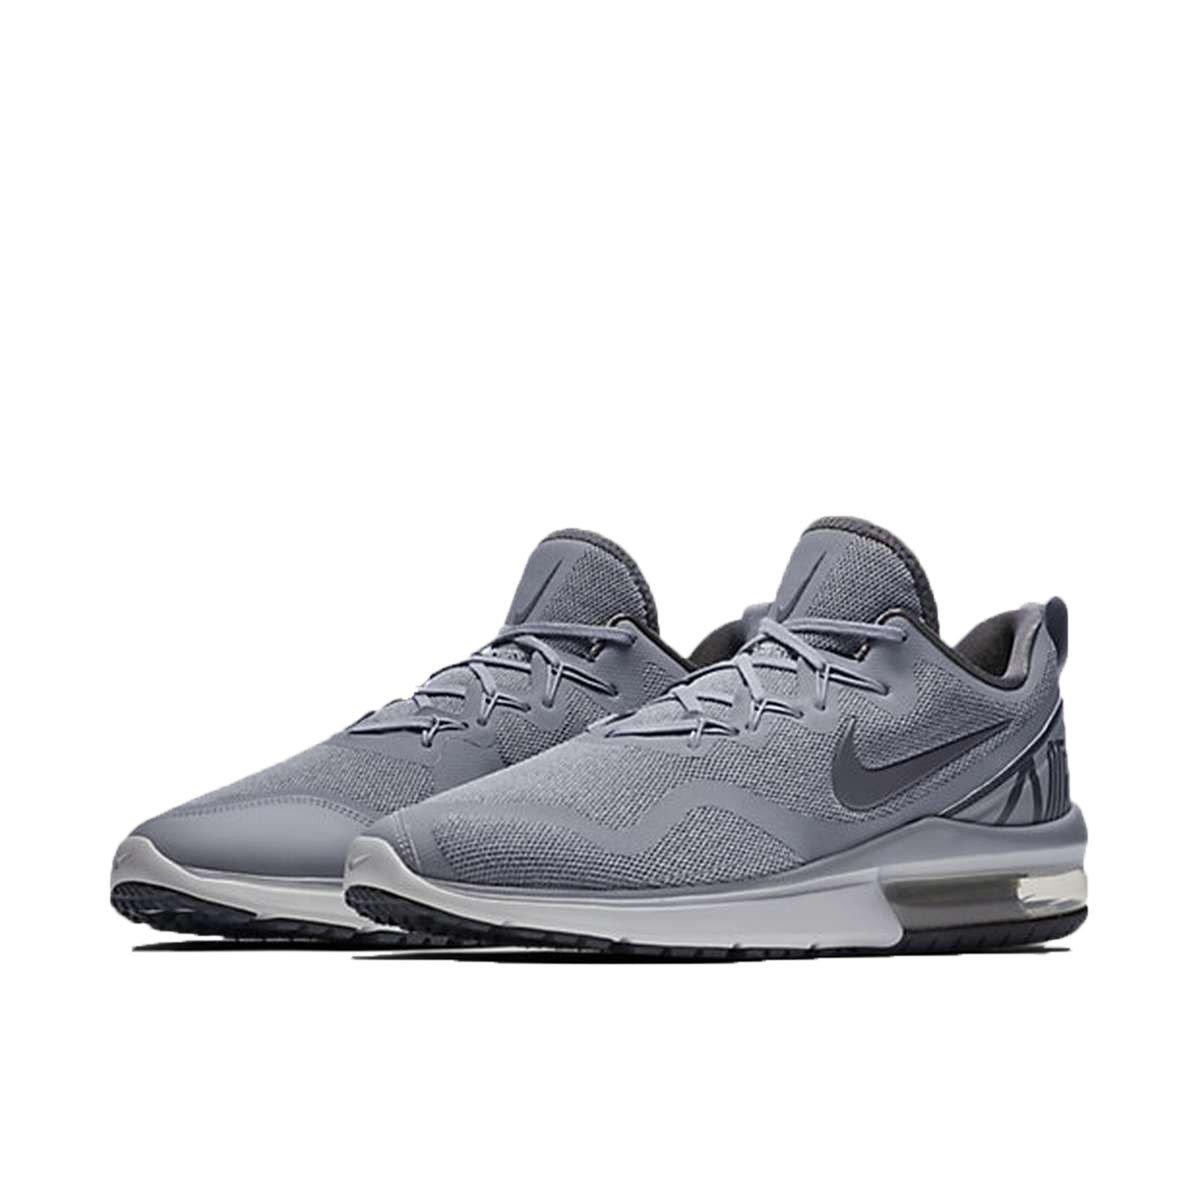 ab249aca58b48 Nike Nike Air Max Fury